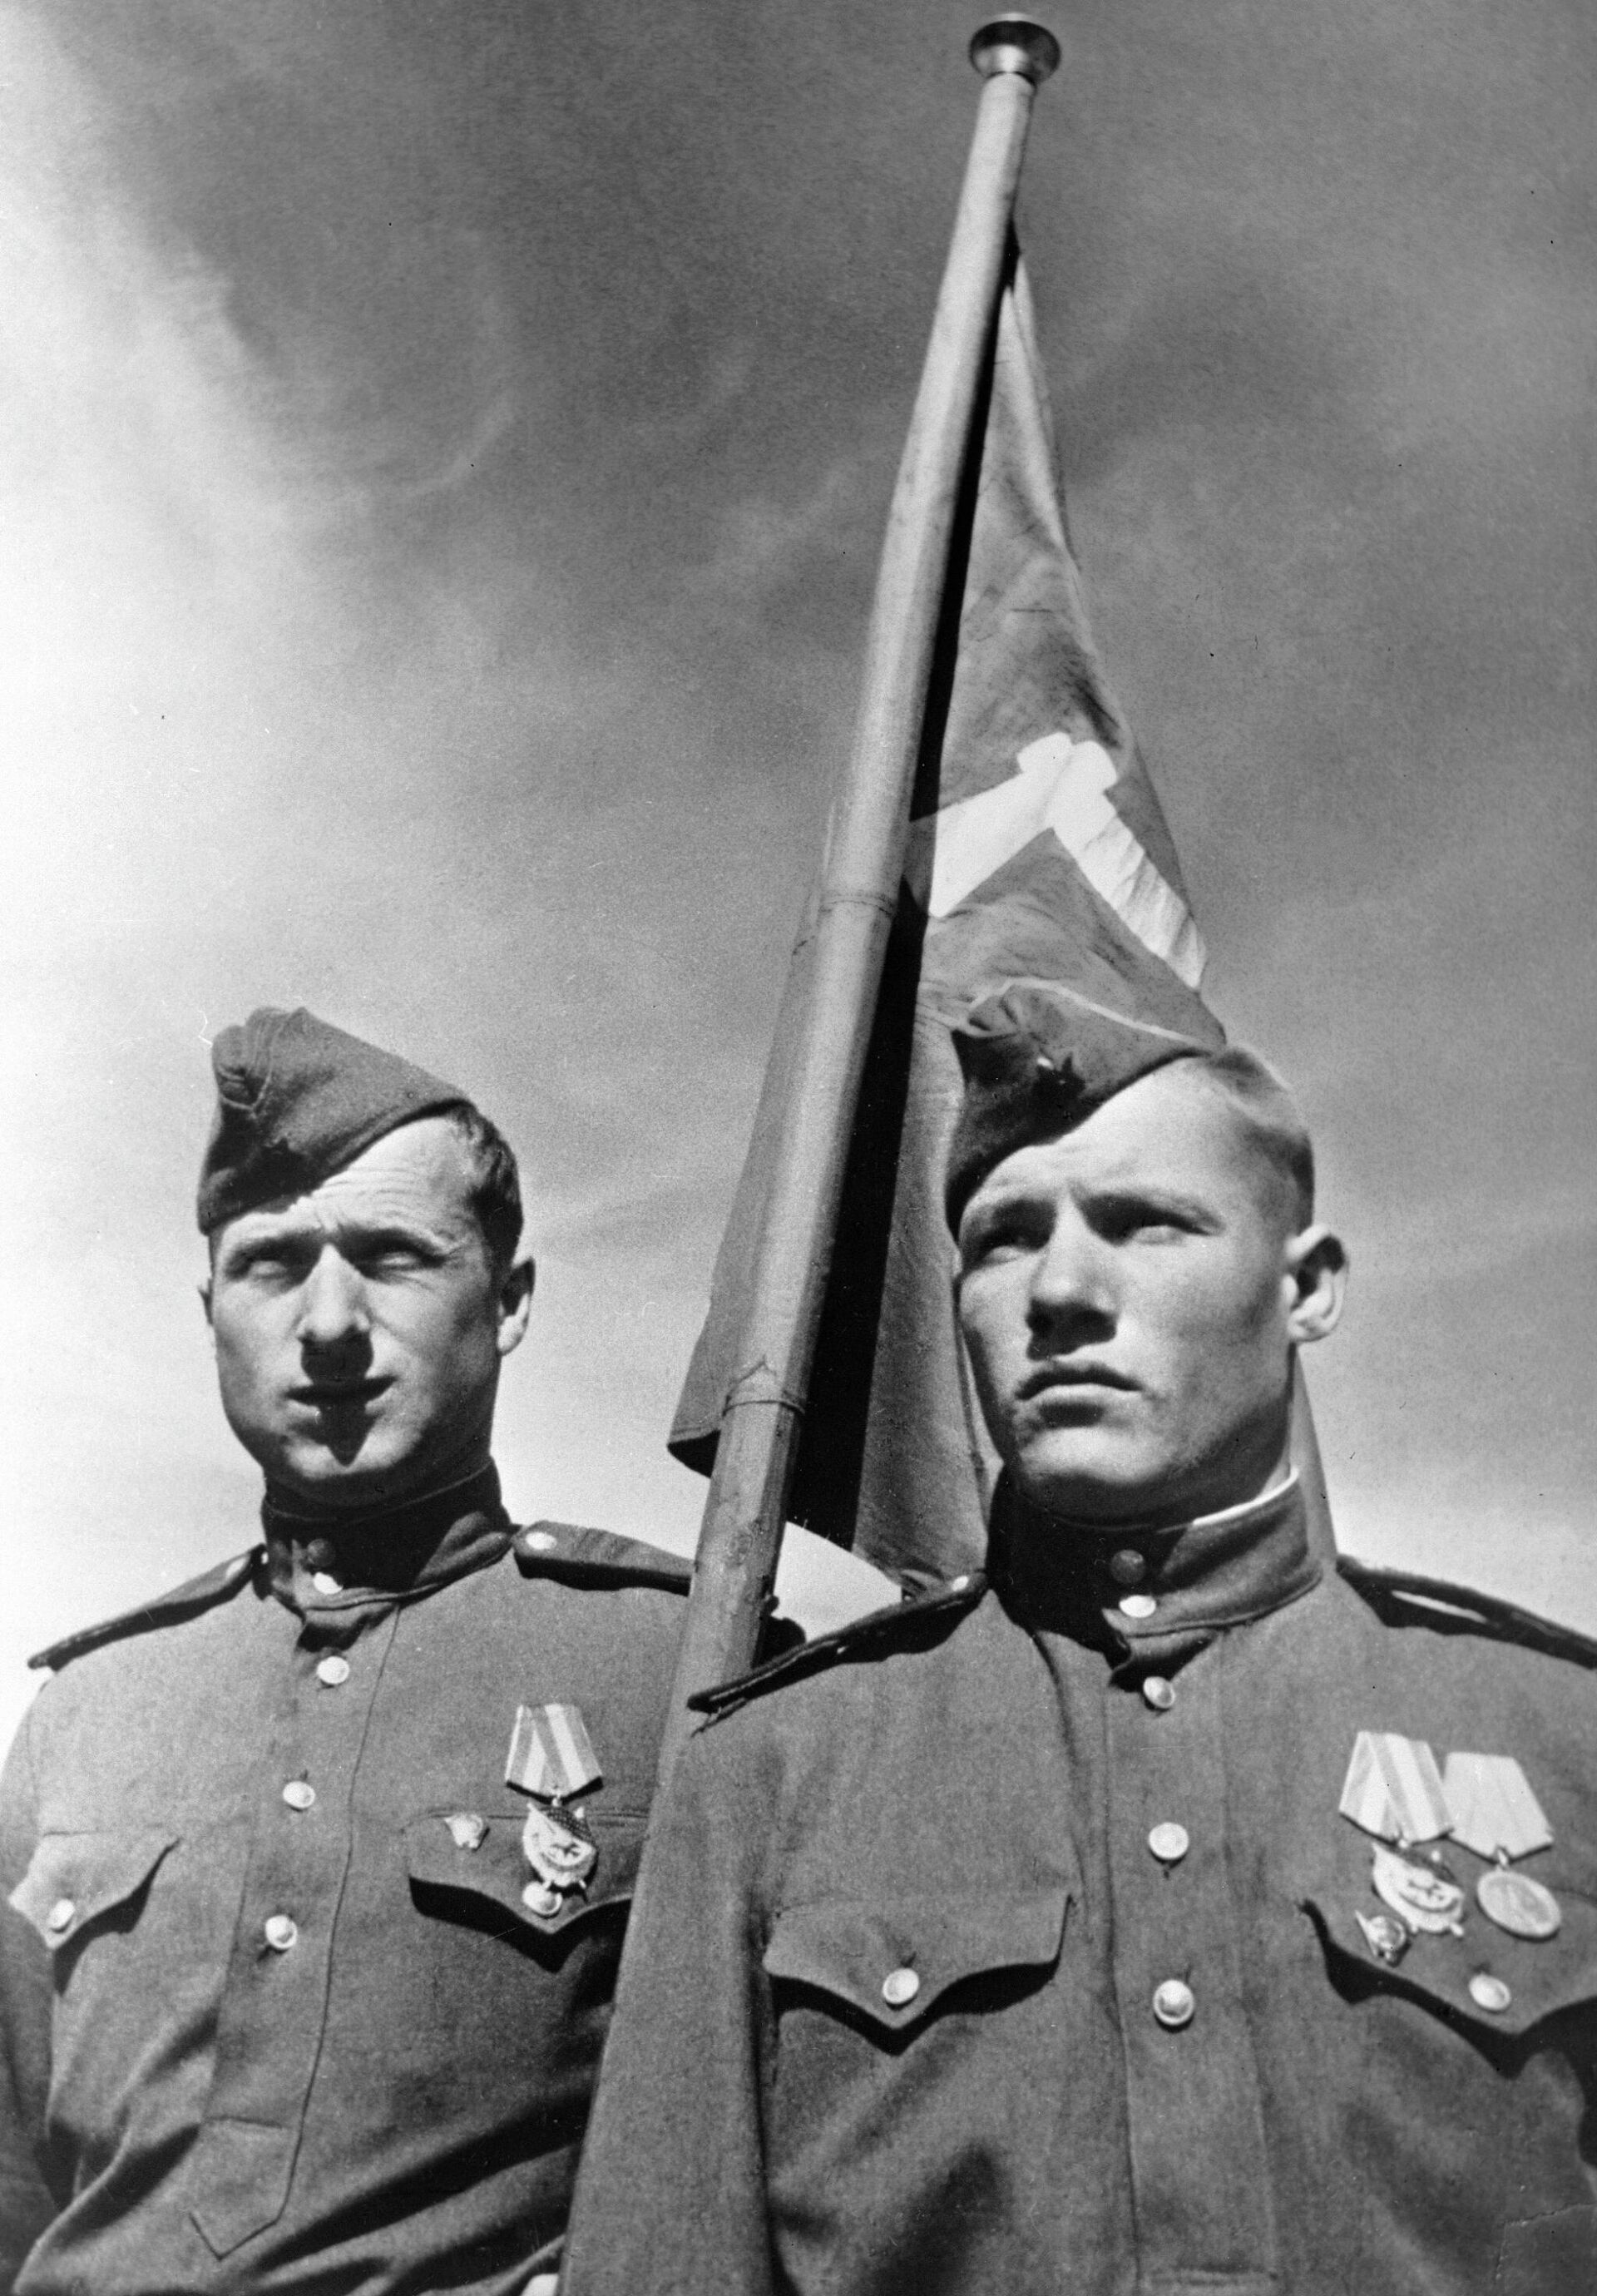 Советские солдаты Михаил Егоров (справа) и Мелитон Кантария , водрузившие Знамя победы над берлинским Рейхстагом в мае 1945 года - РИА Новости, 1920, 09.05.2021